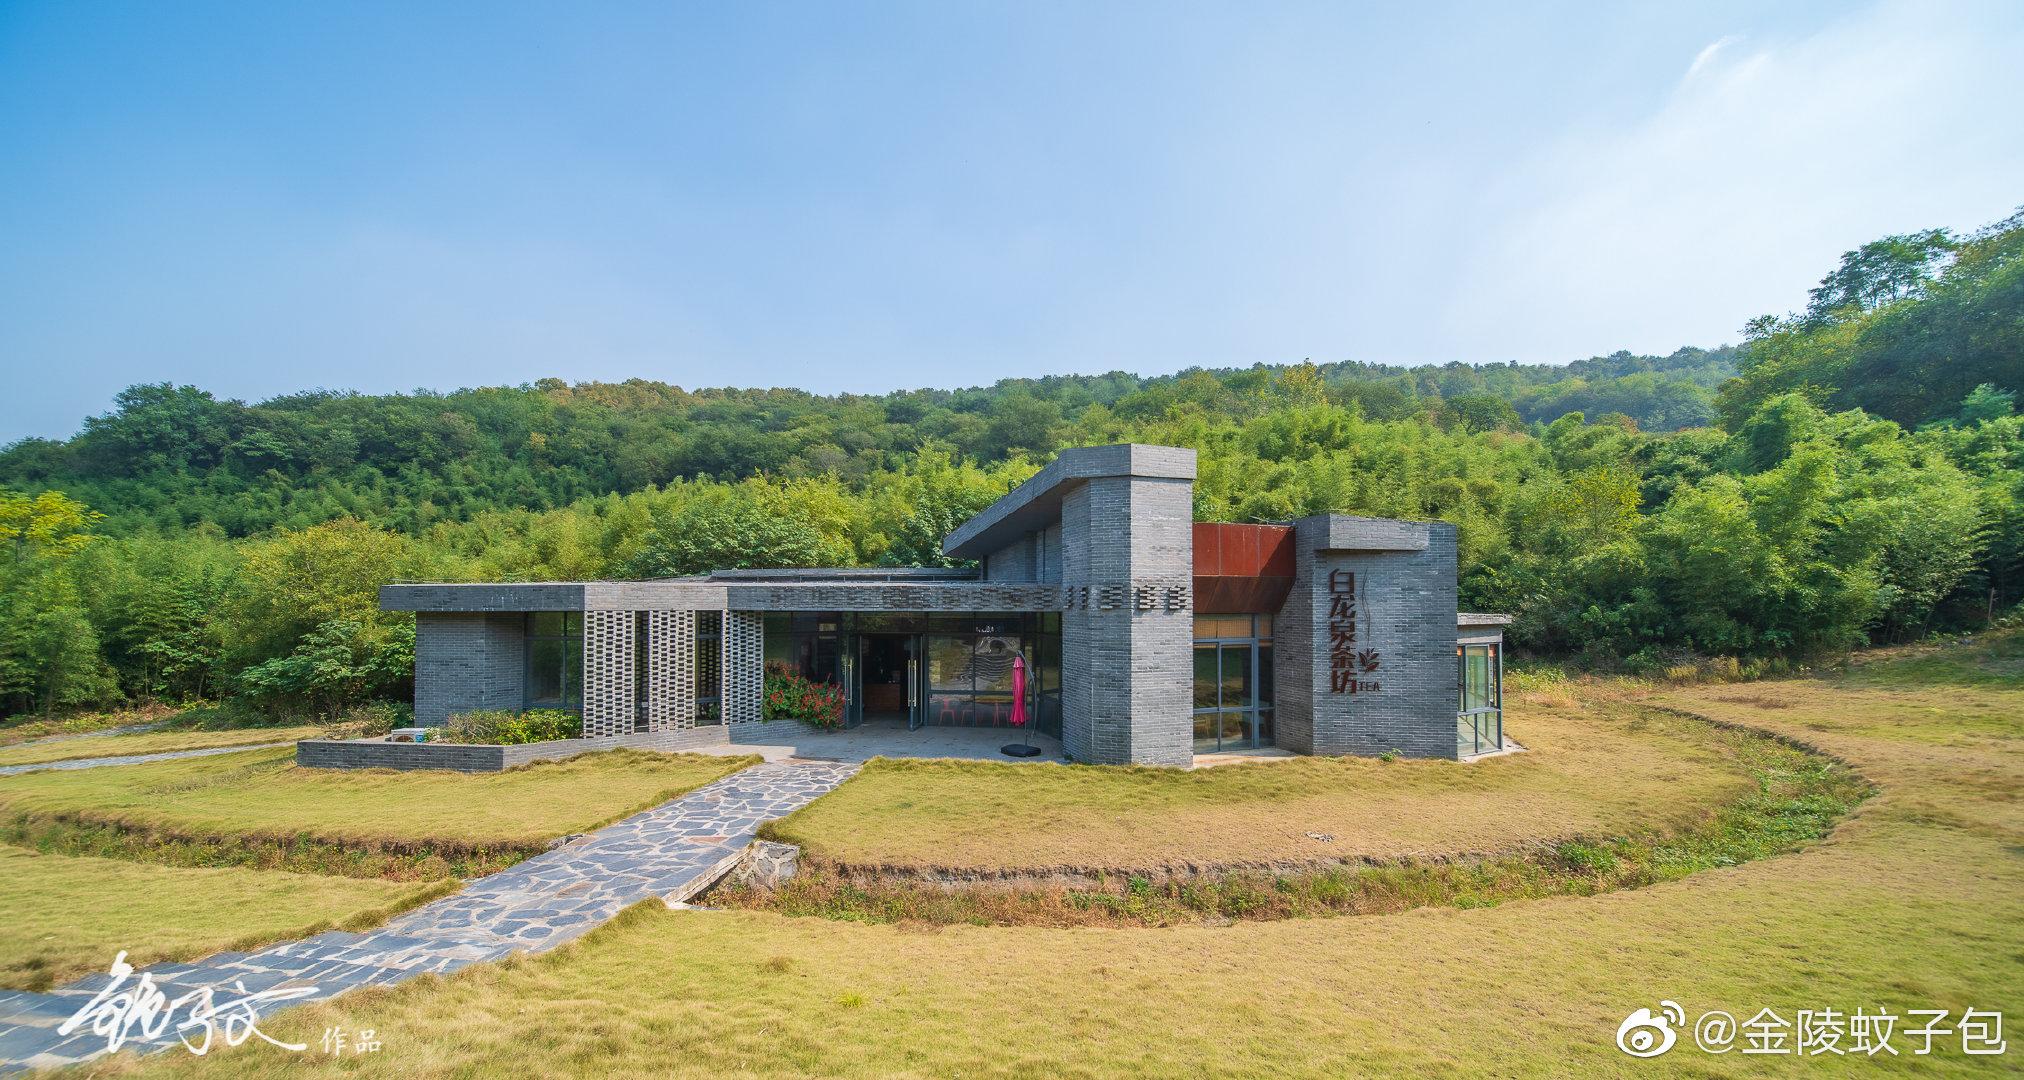 时间简史-扬州捺山地质博物馆,一处很有网红打卡潜质的景点